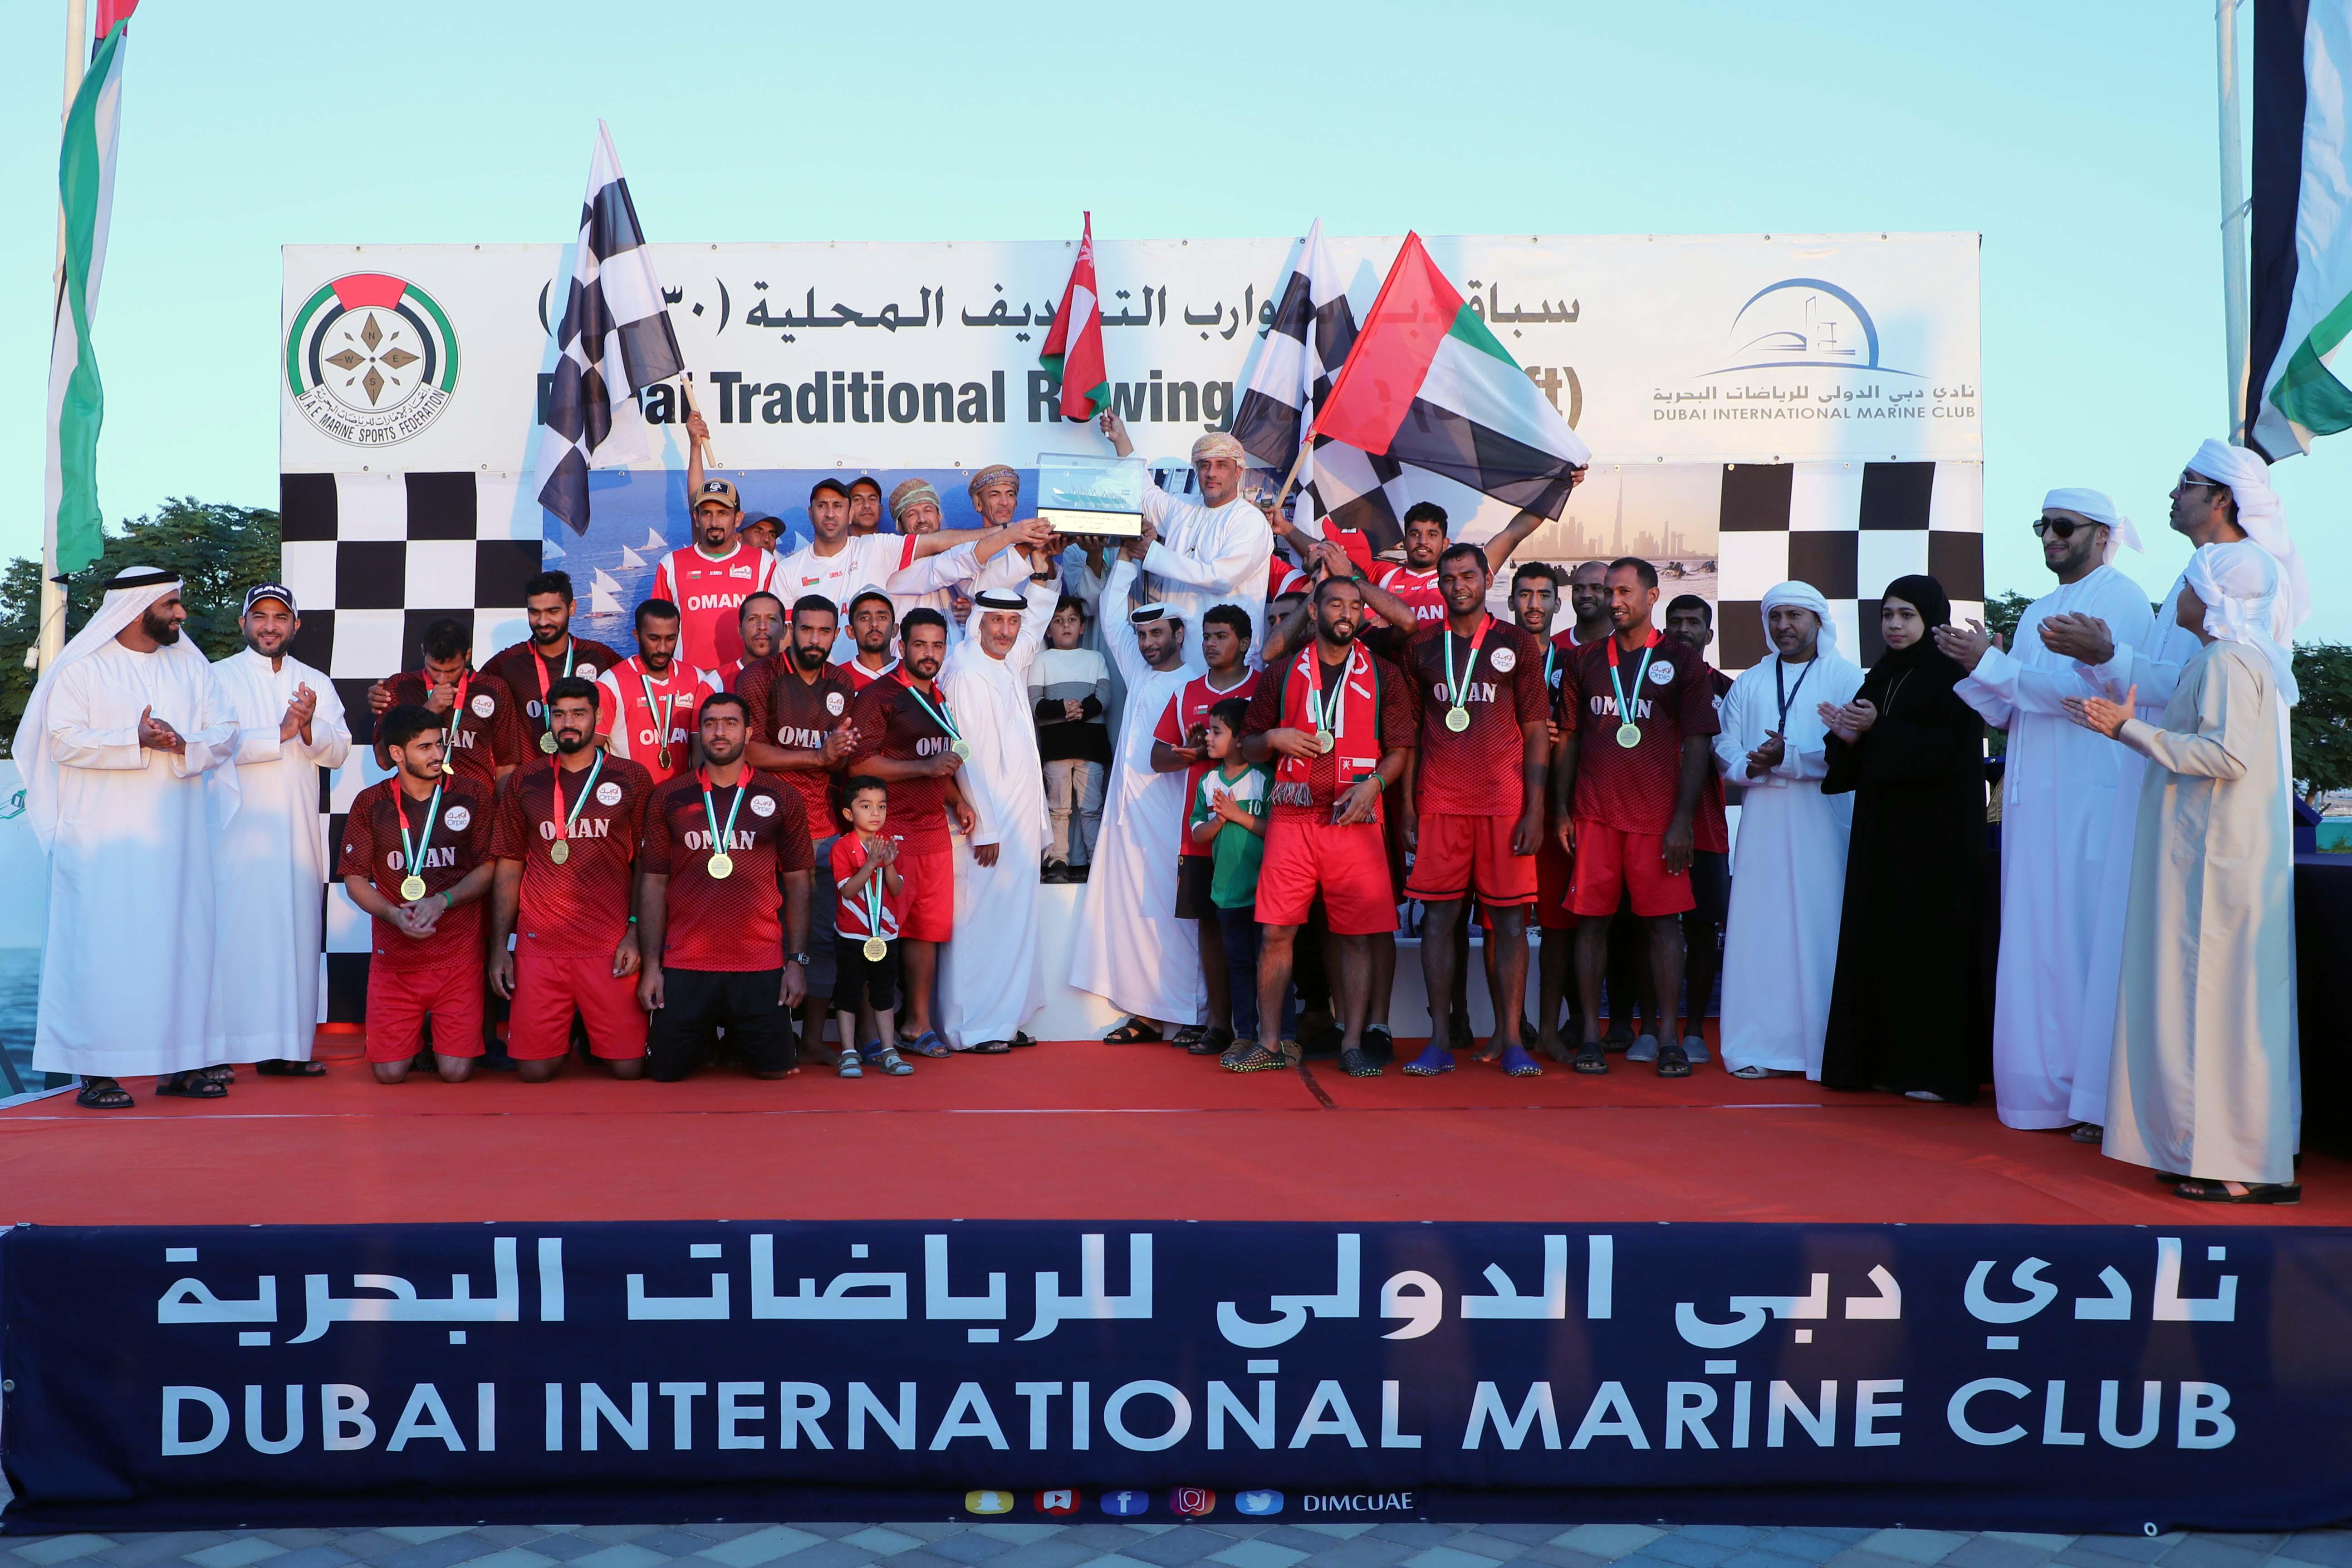 Oman 44 champion of the Al Maktoum Cup